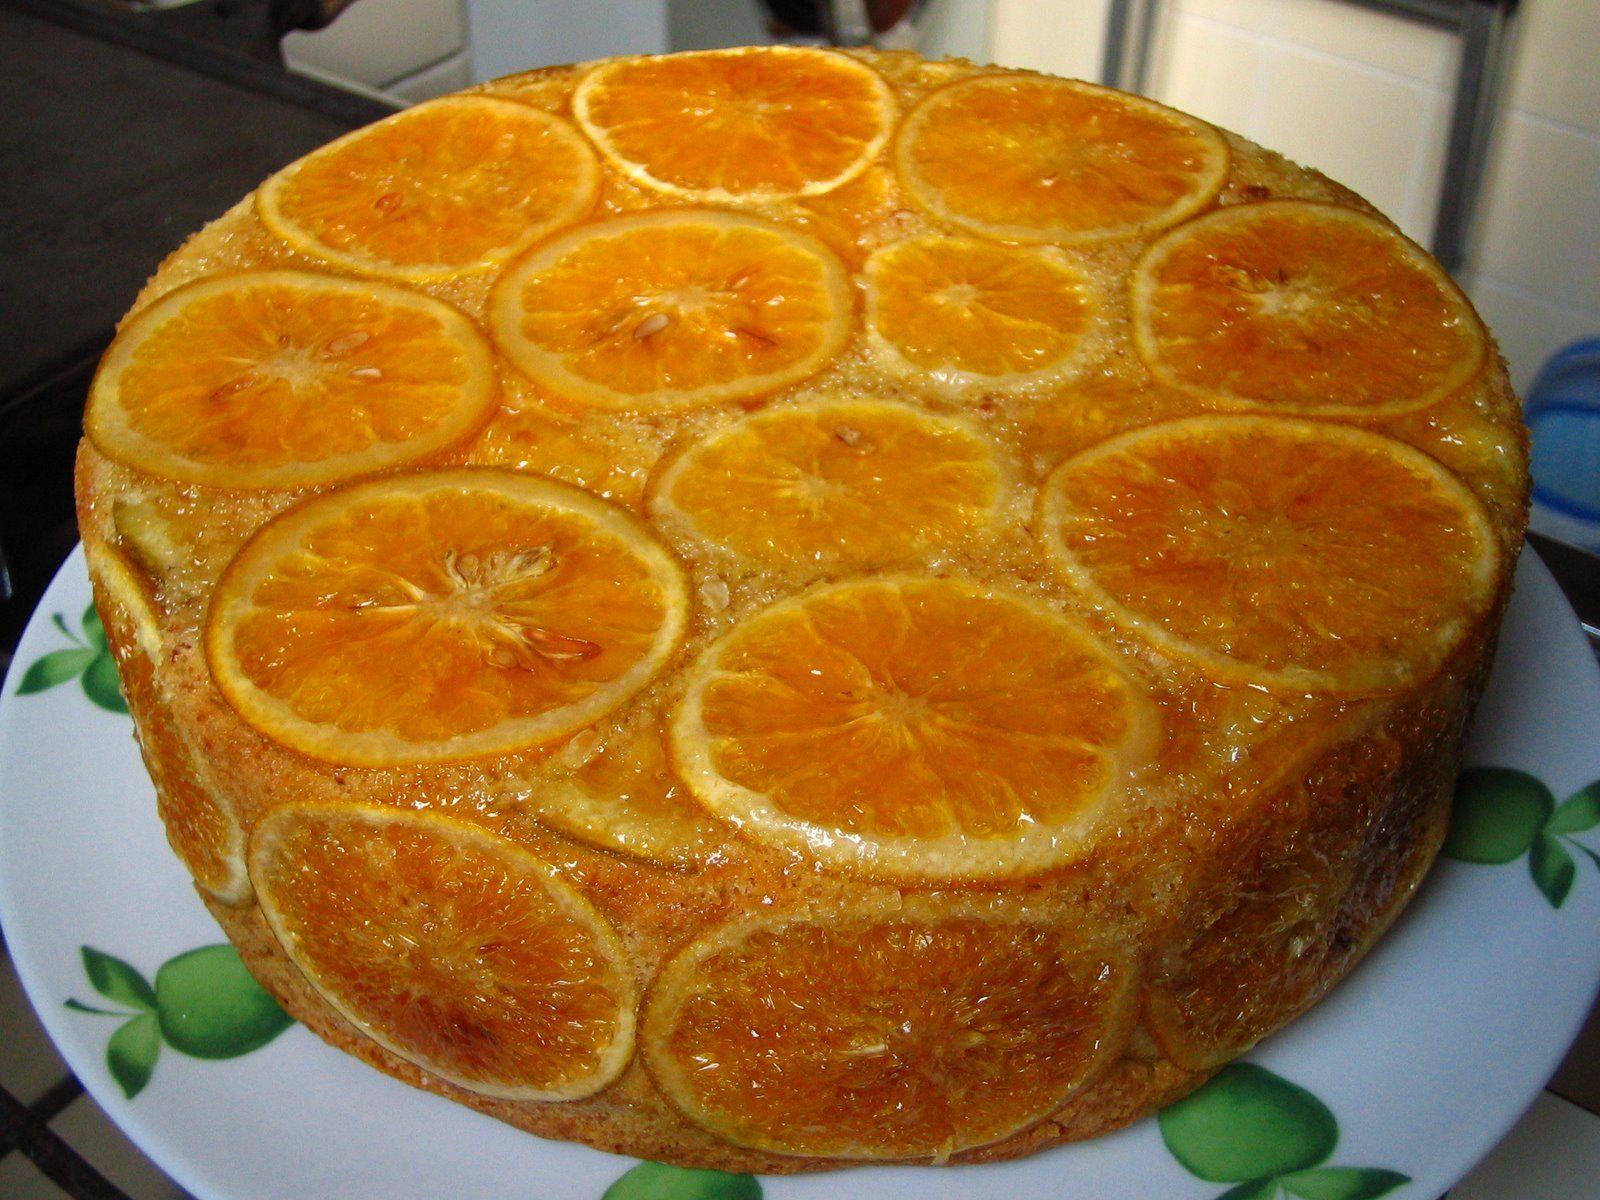 Cobertura de laranja:   - 1 xícara de Açúcar   - ½ xícara (125ml) de  Água   - 2 Laranjas grandes, com a casca, em fatias finas   ...